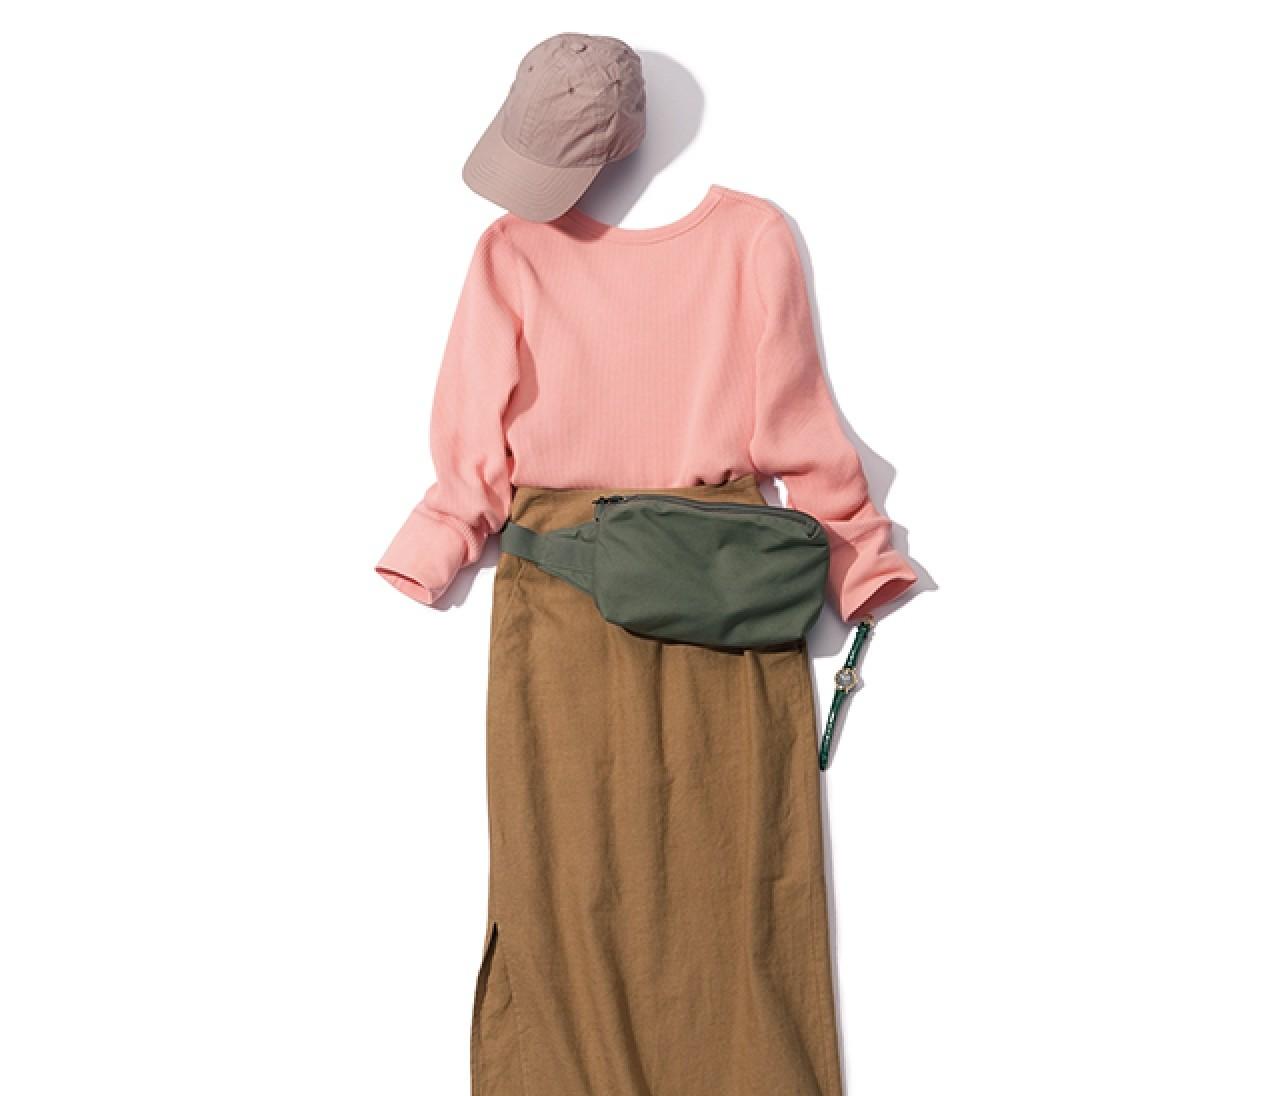 代休を取った日は、きれいめスカートに小物でスポーティさを!【2019/3/6のコーデ】